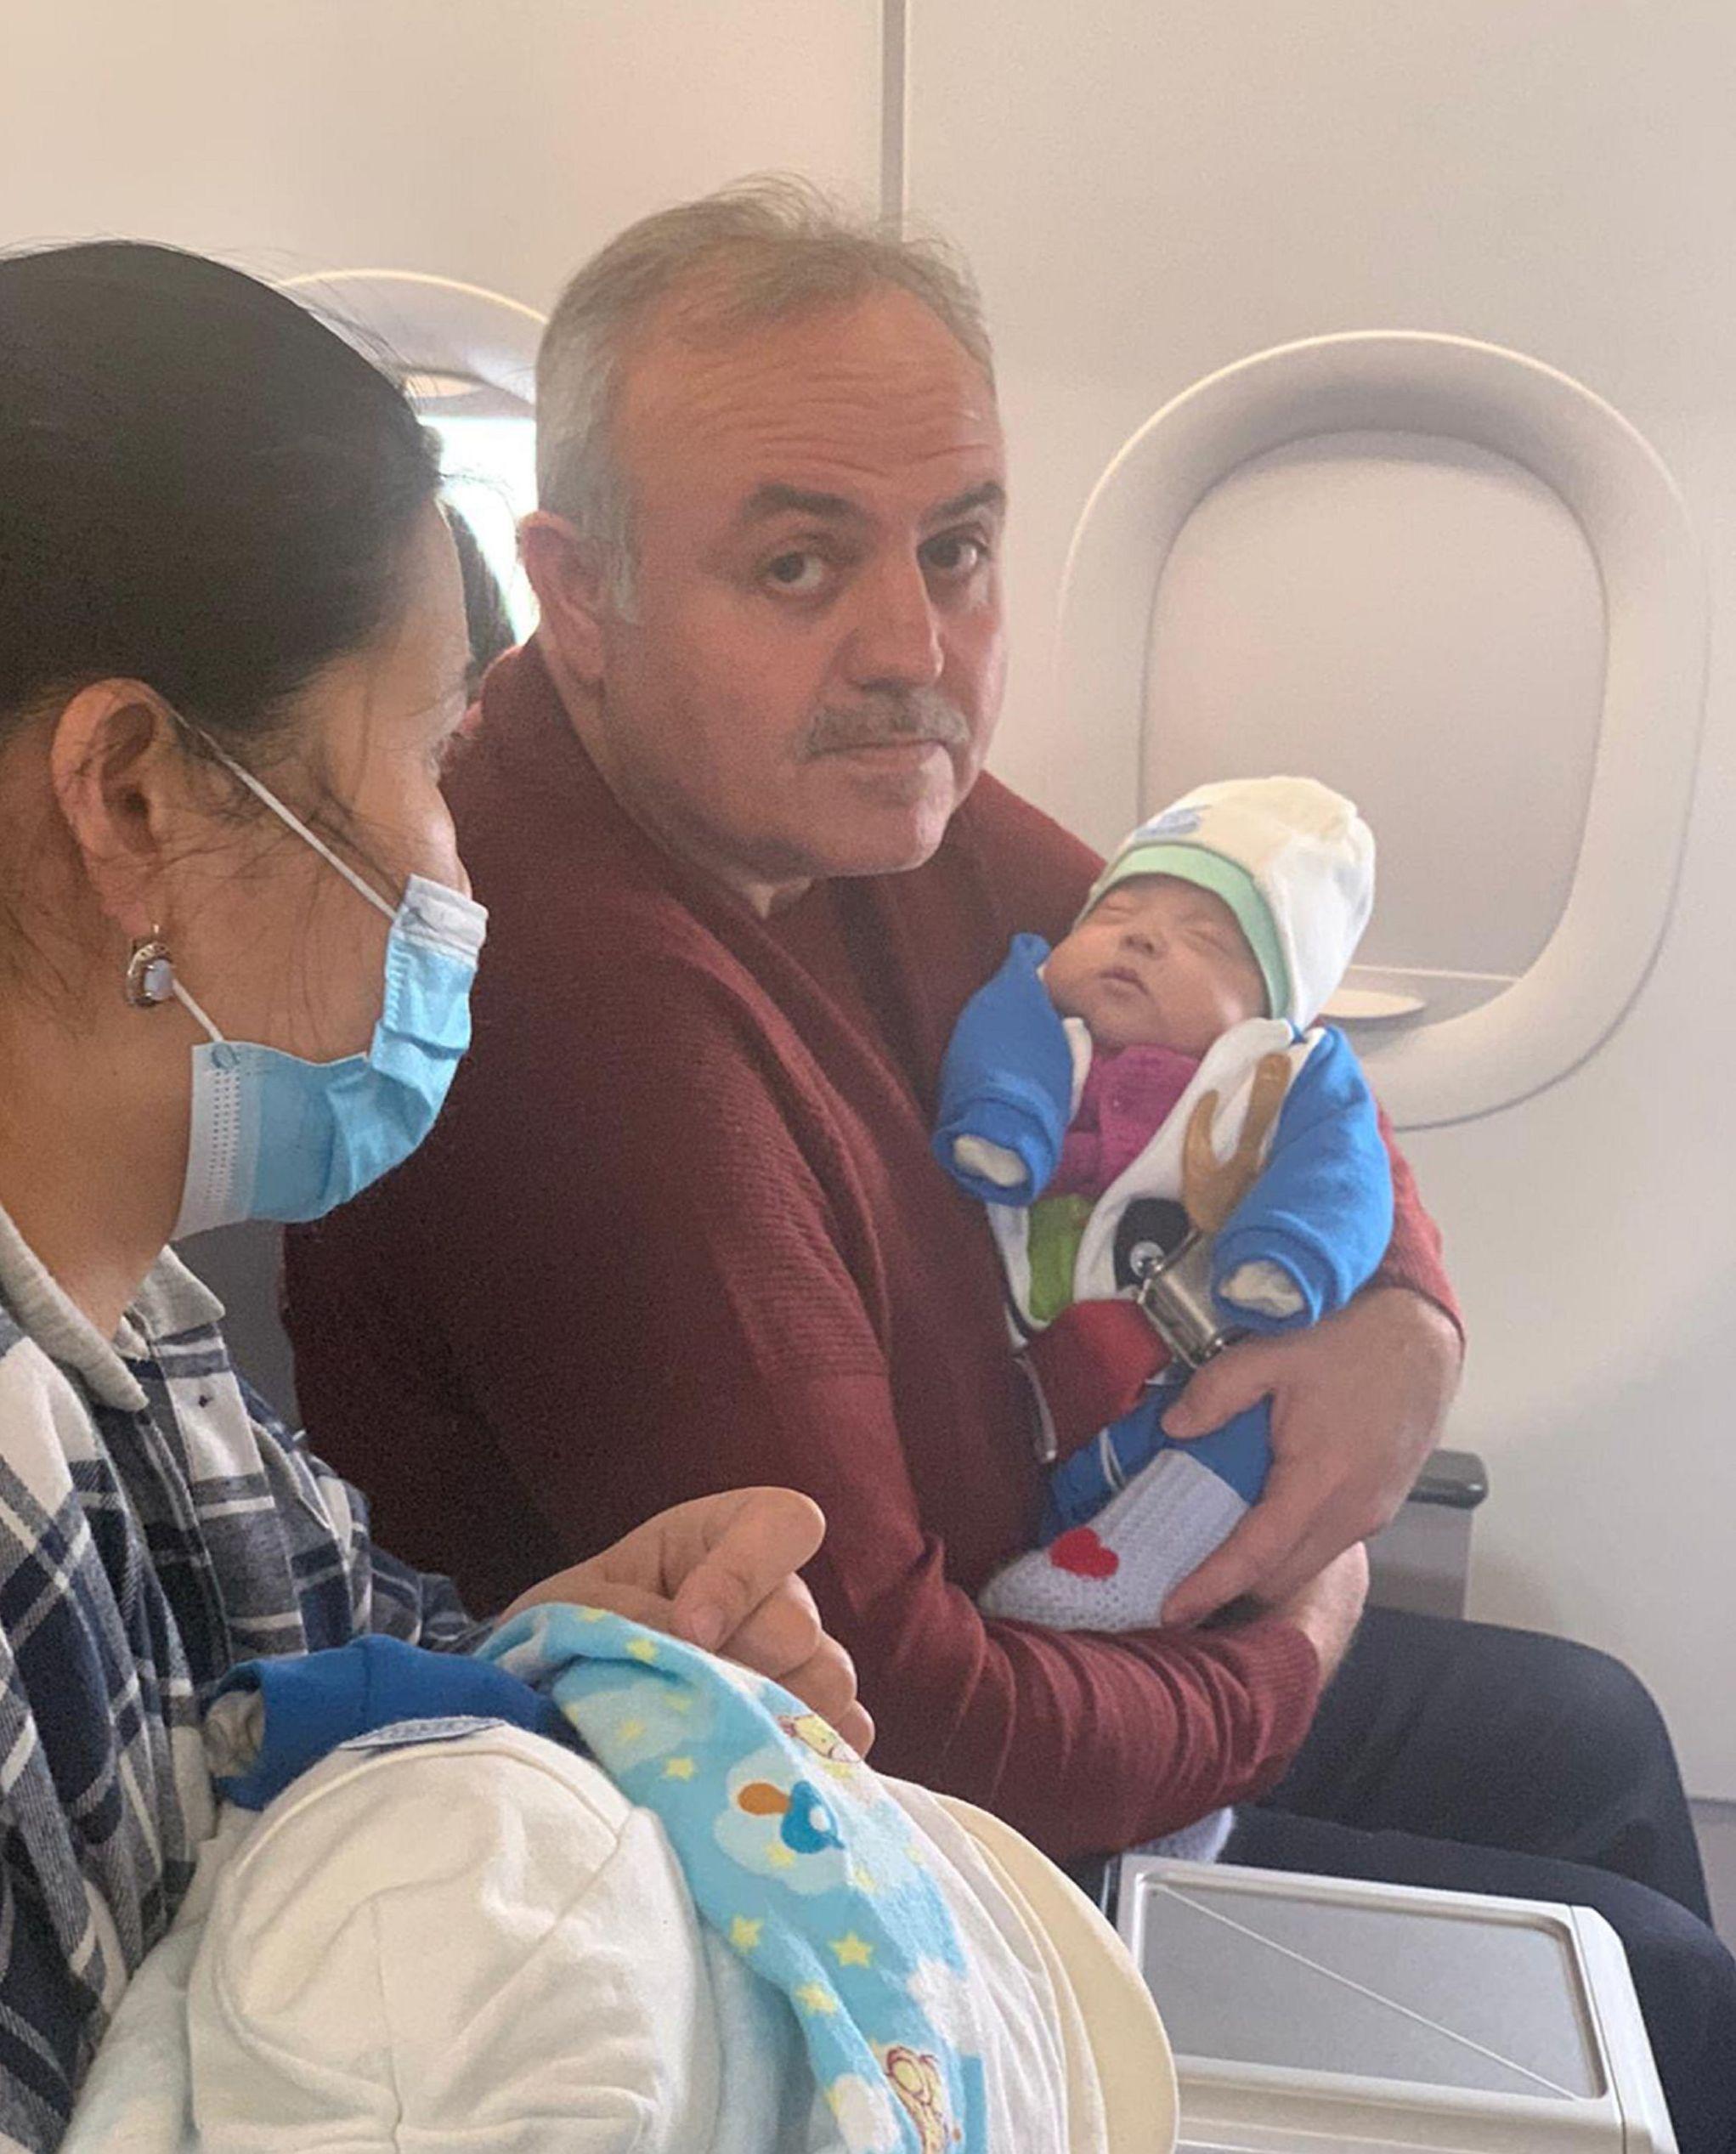 Турецкий депутат и врач Реджеп Шекер оказал в самолете экстренную помощь младенцу